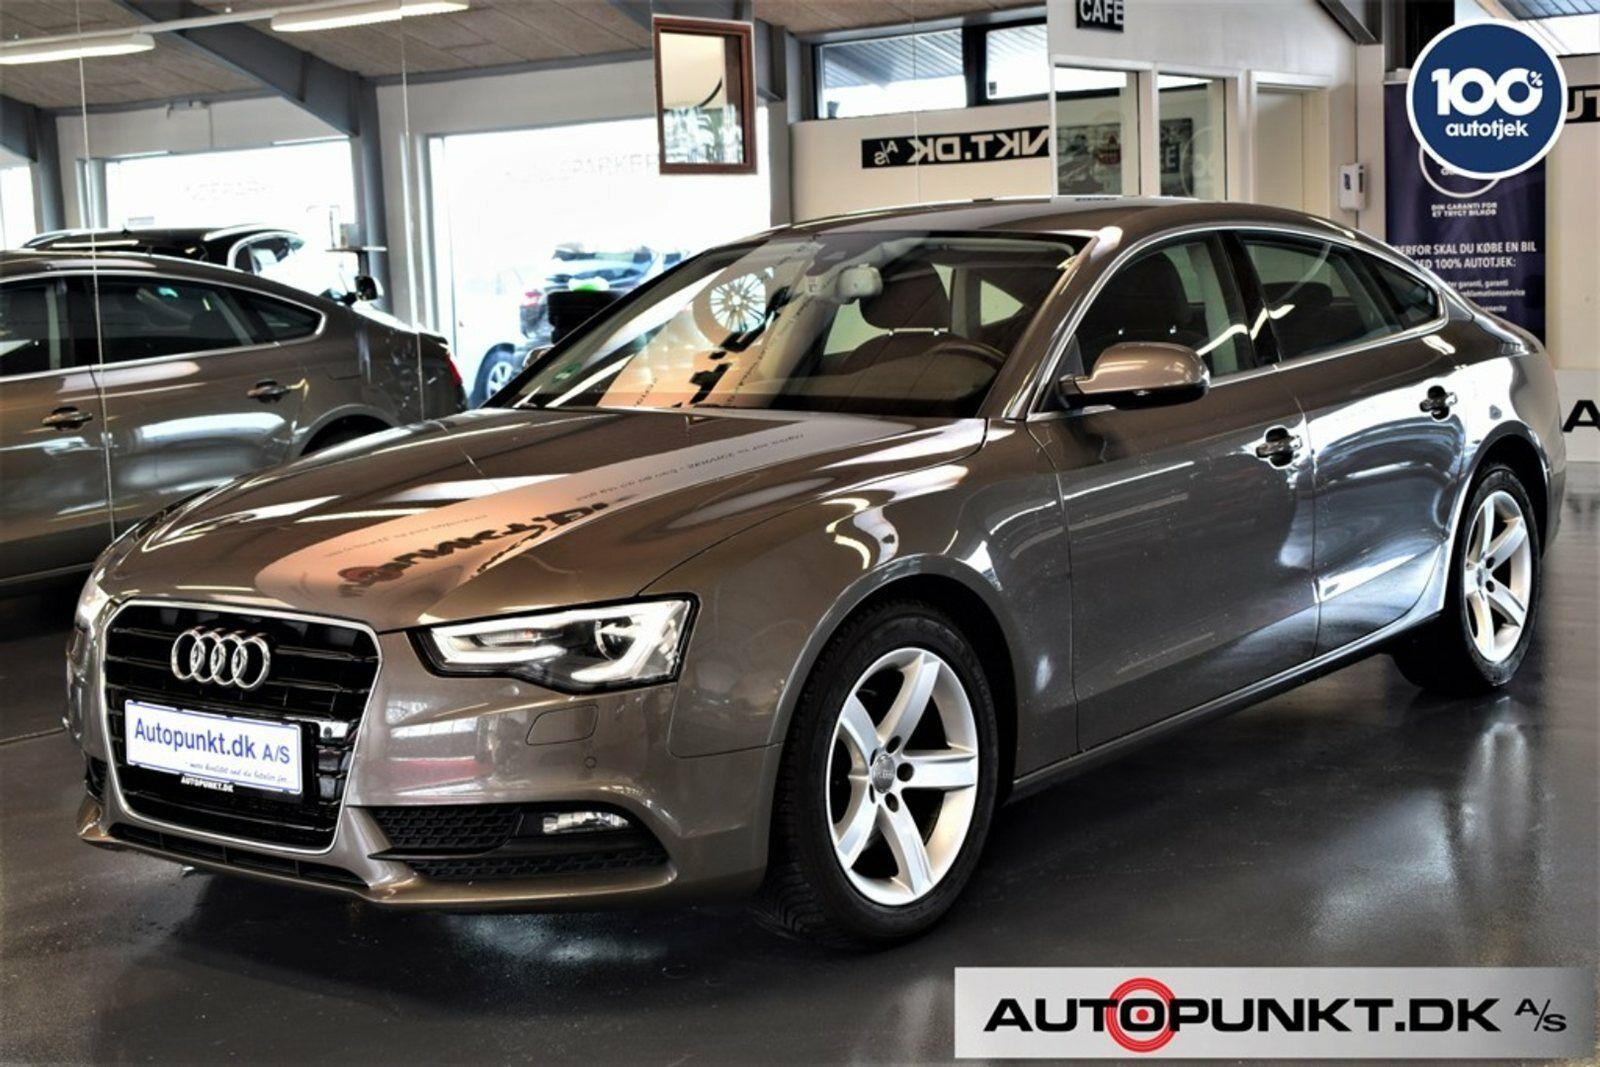 Audi A5 2,0 TDi 190 SB Multitr. 5d